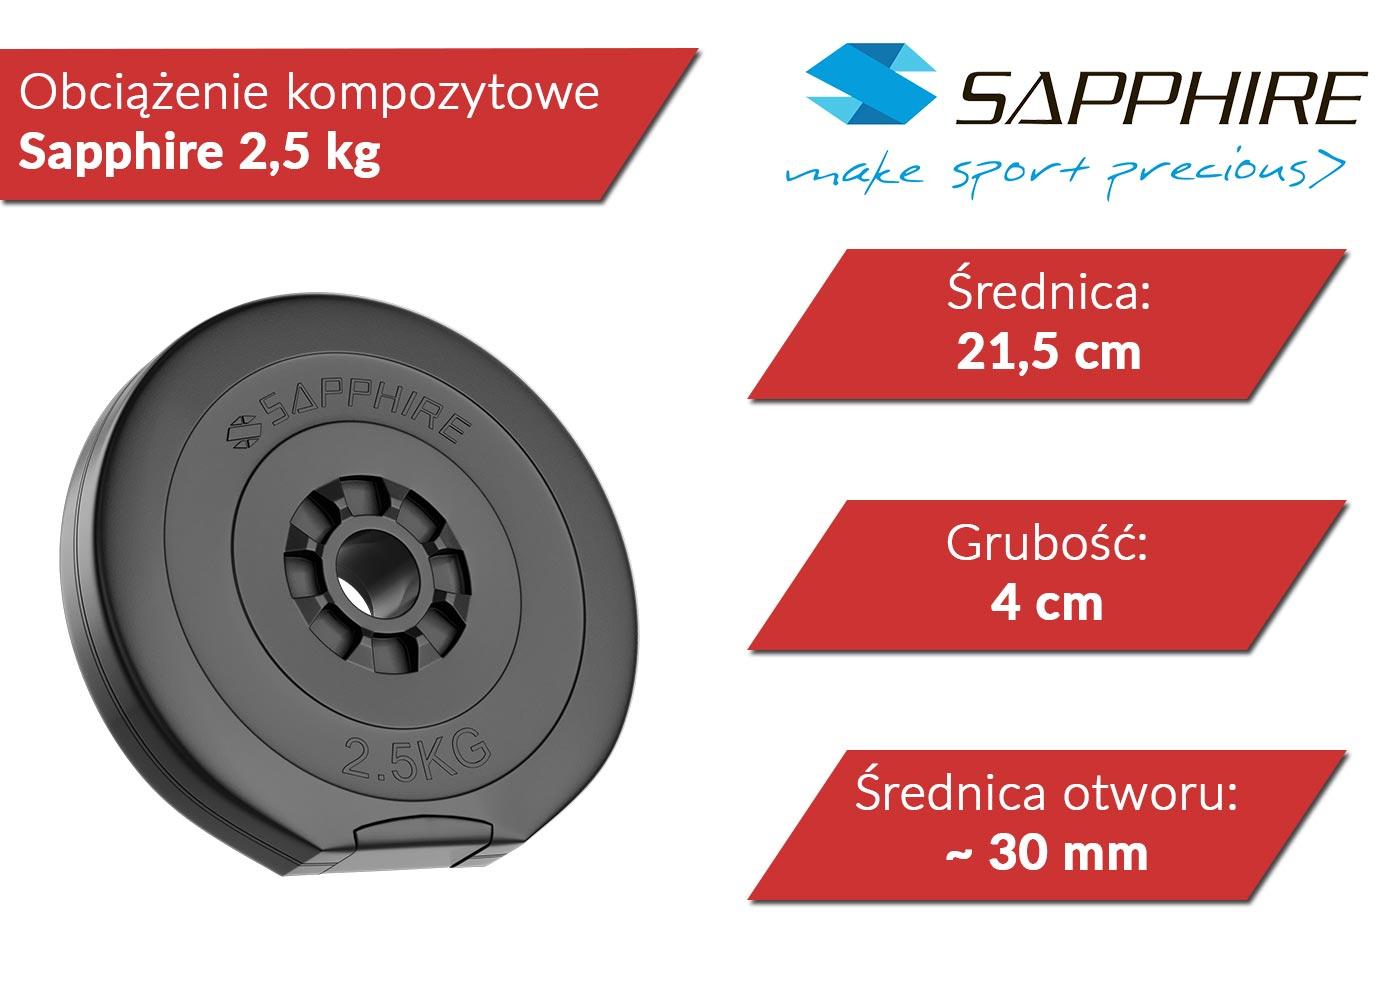 Obciążenia kompozytowe Sapphire 2,5 kg Xylo